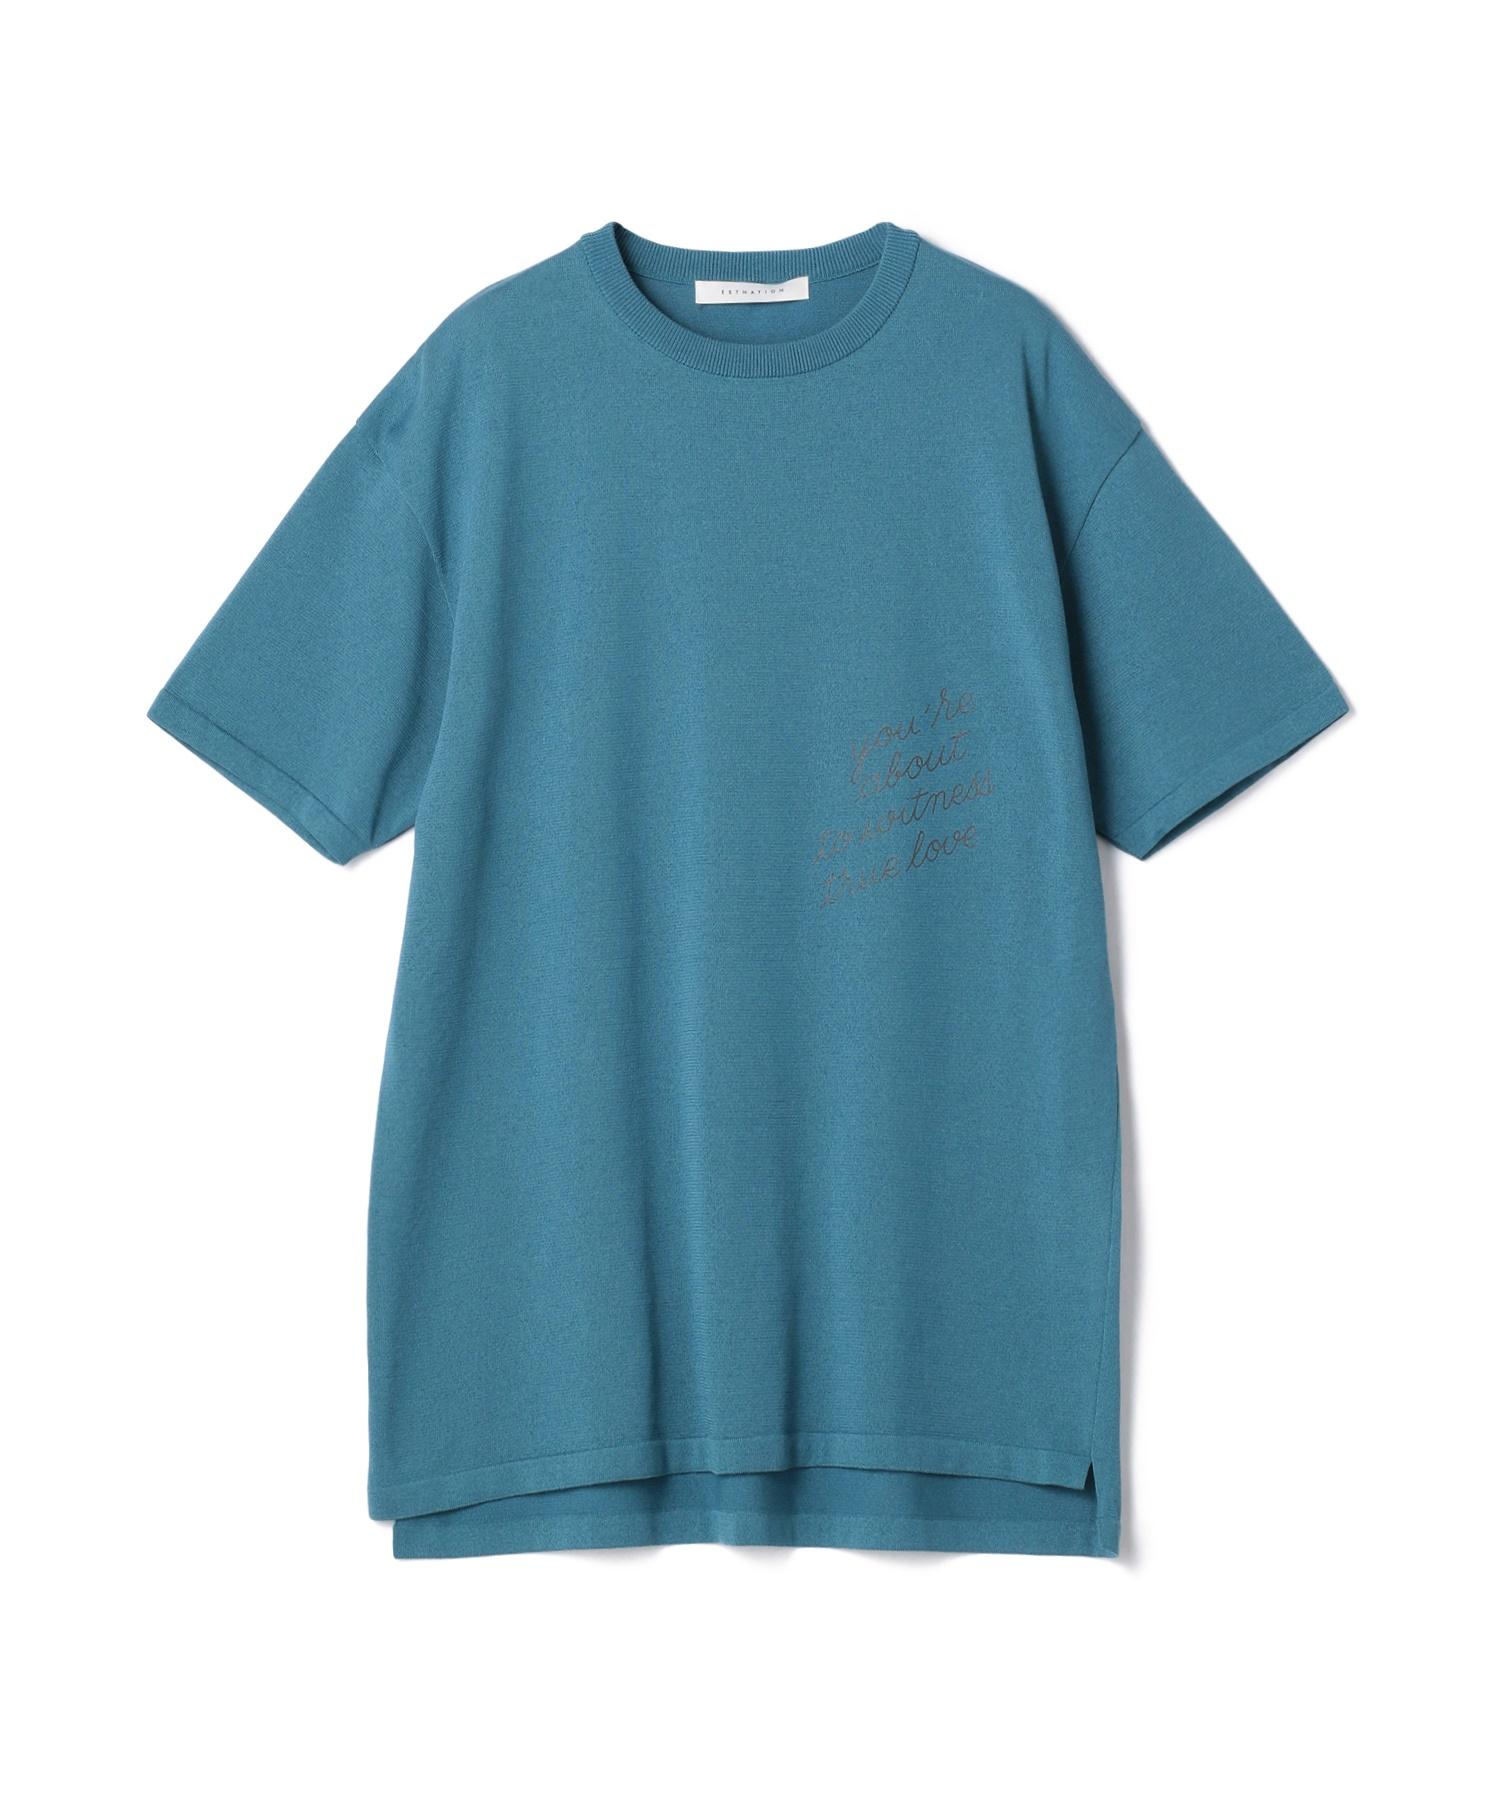 JEAN ANDRE / ニットTシャツ